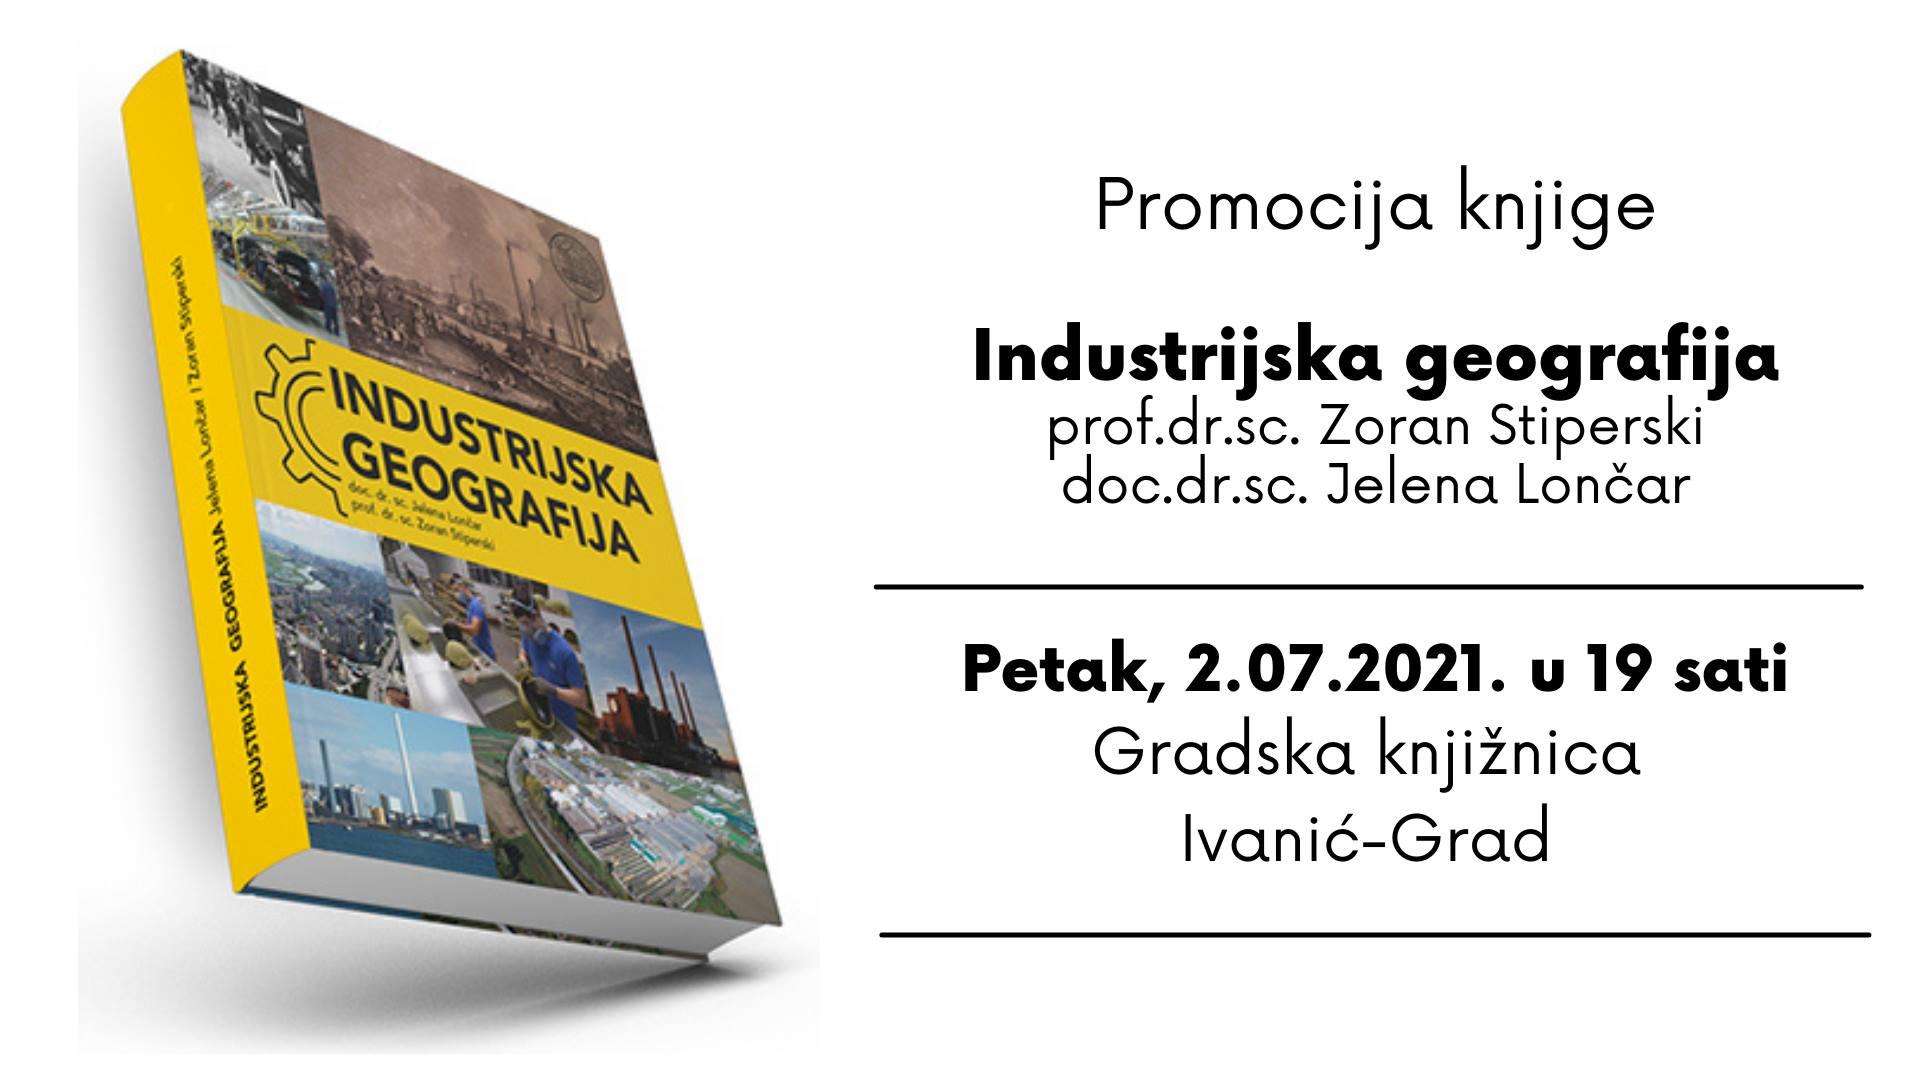 Promocija knjige Industrijska geografija